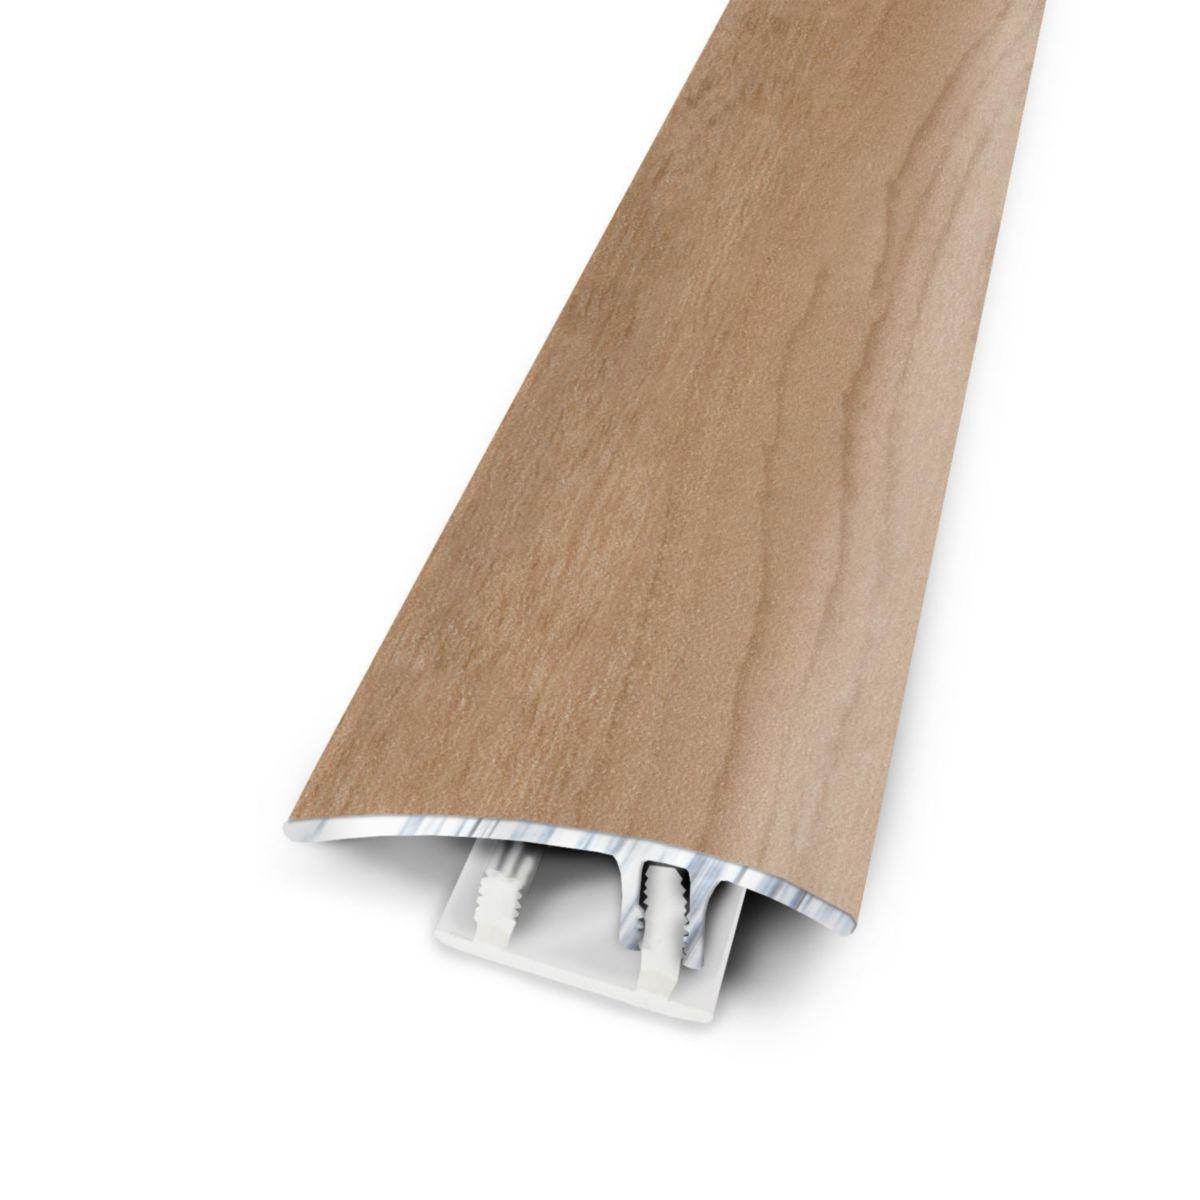 barre de seuil aluminium coordonnée sol stratifié chêne shannon ... - Seuil De Porte Parquet